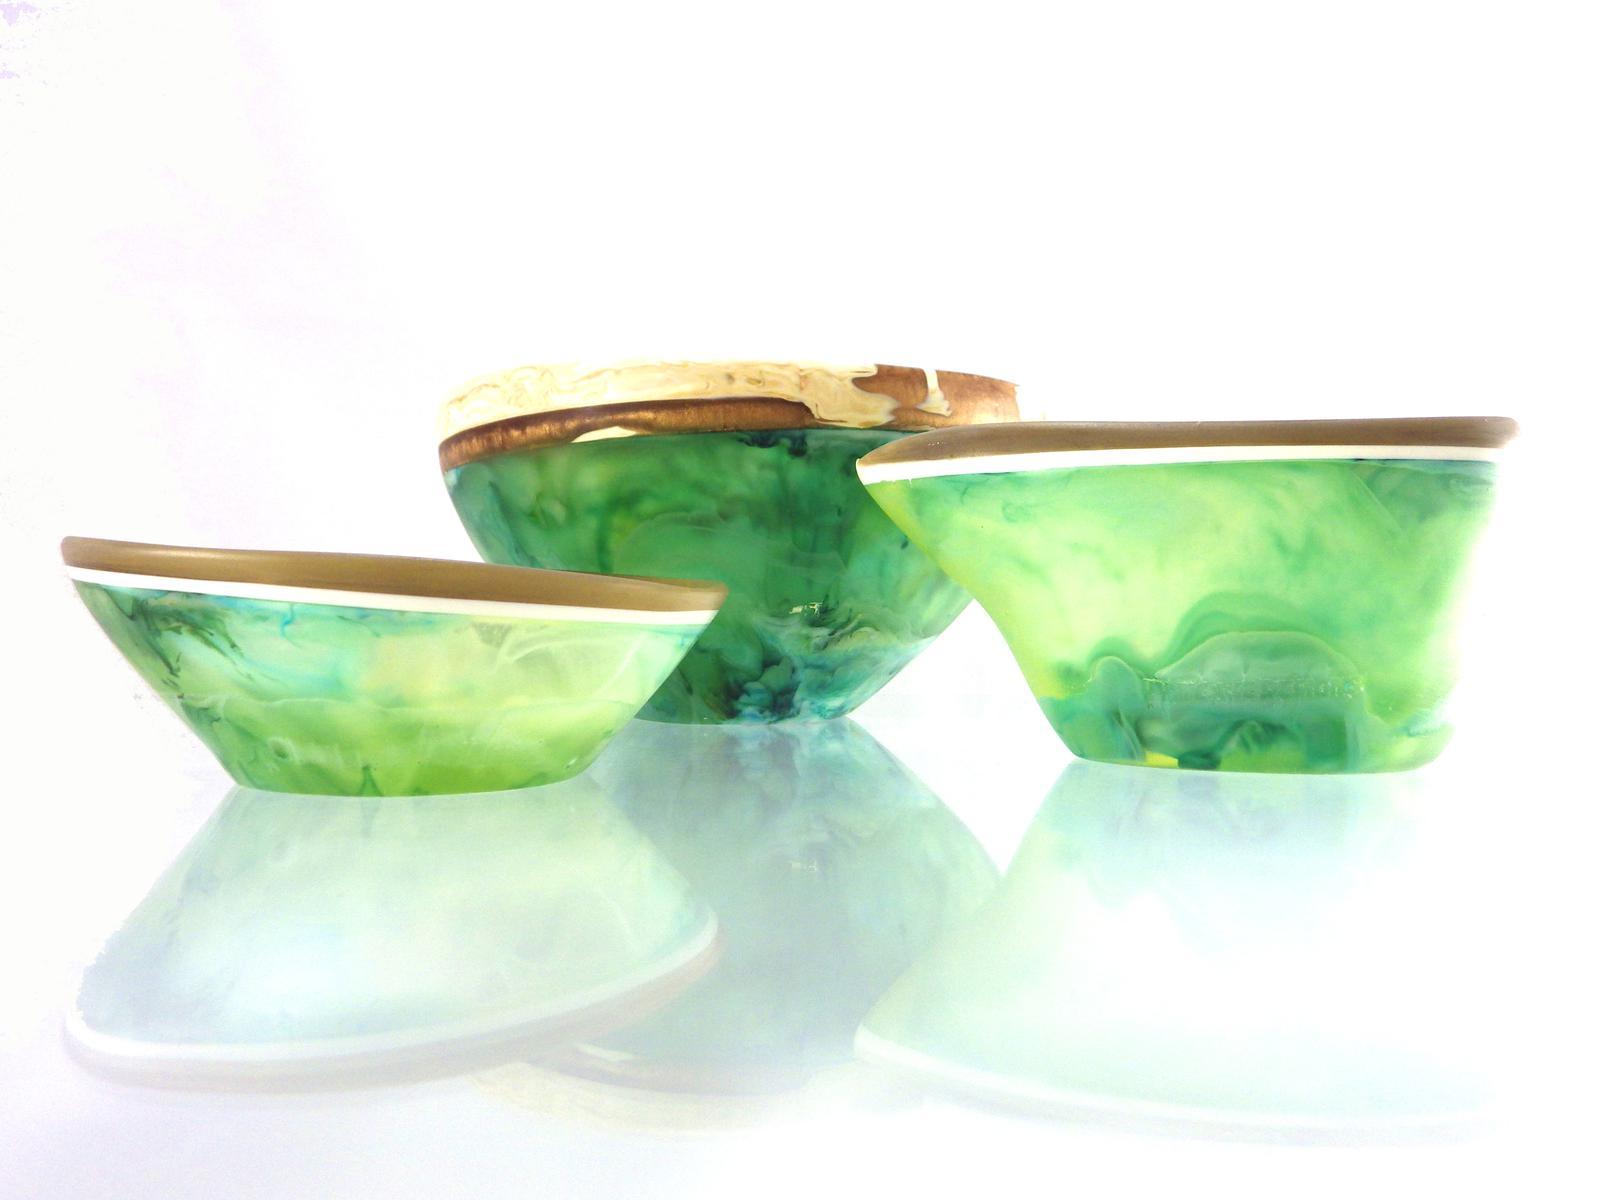 3 resin bowls